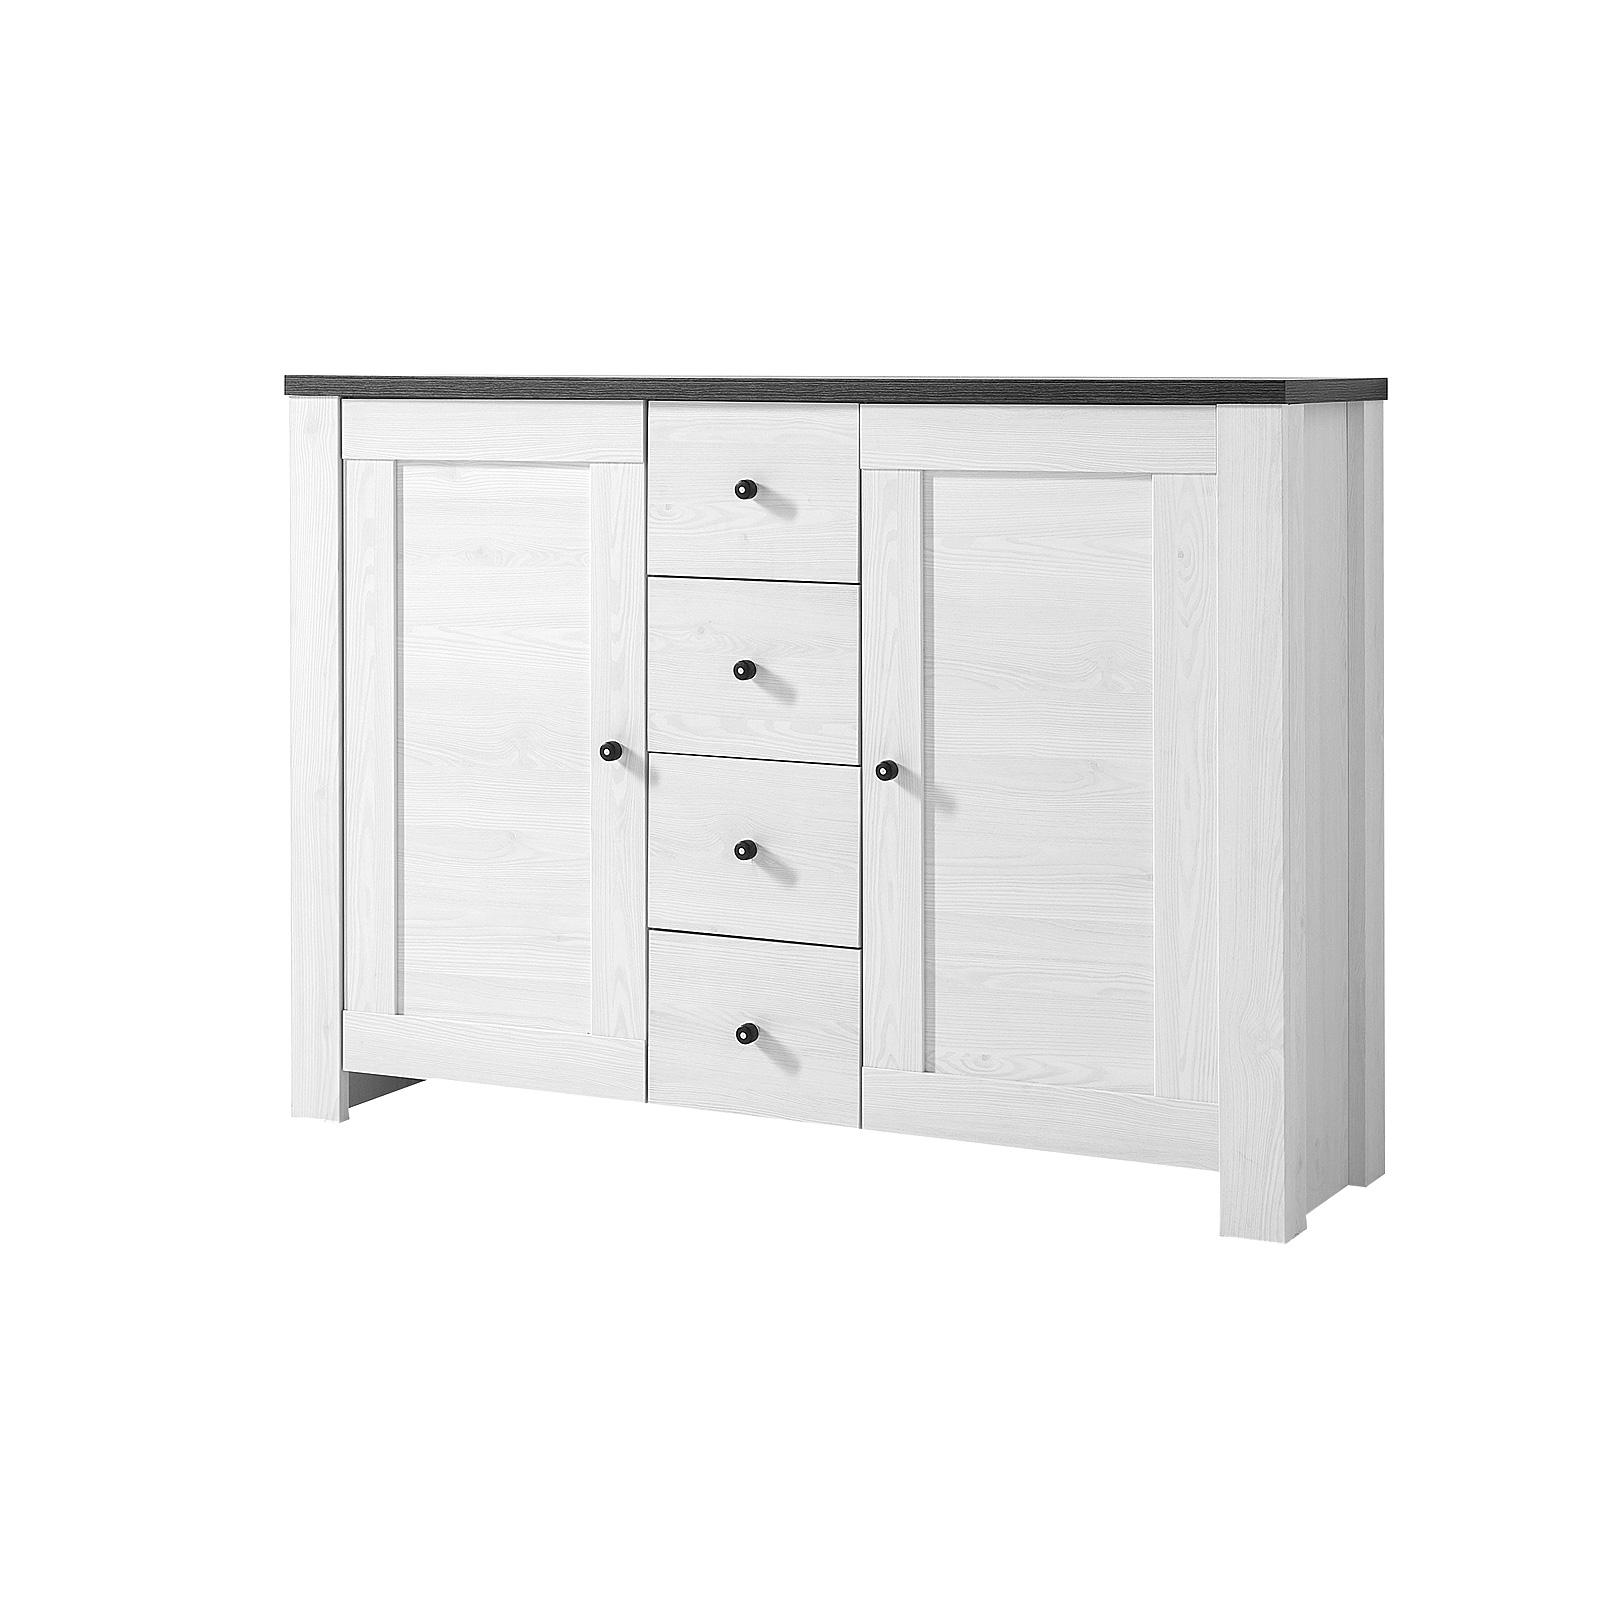 kommode 3 antwerpen sideboard anrichte in l rche und pinie dunkel ebay. Black Bedroom Furniture Sets. Home Design Ideas